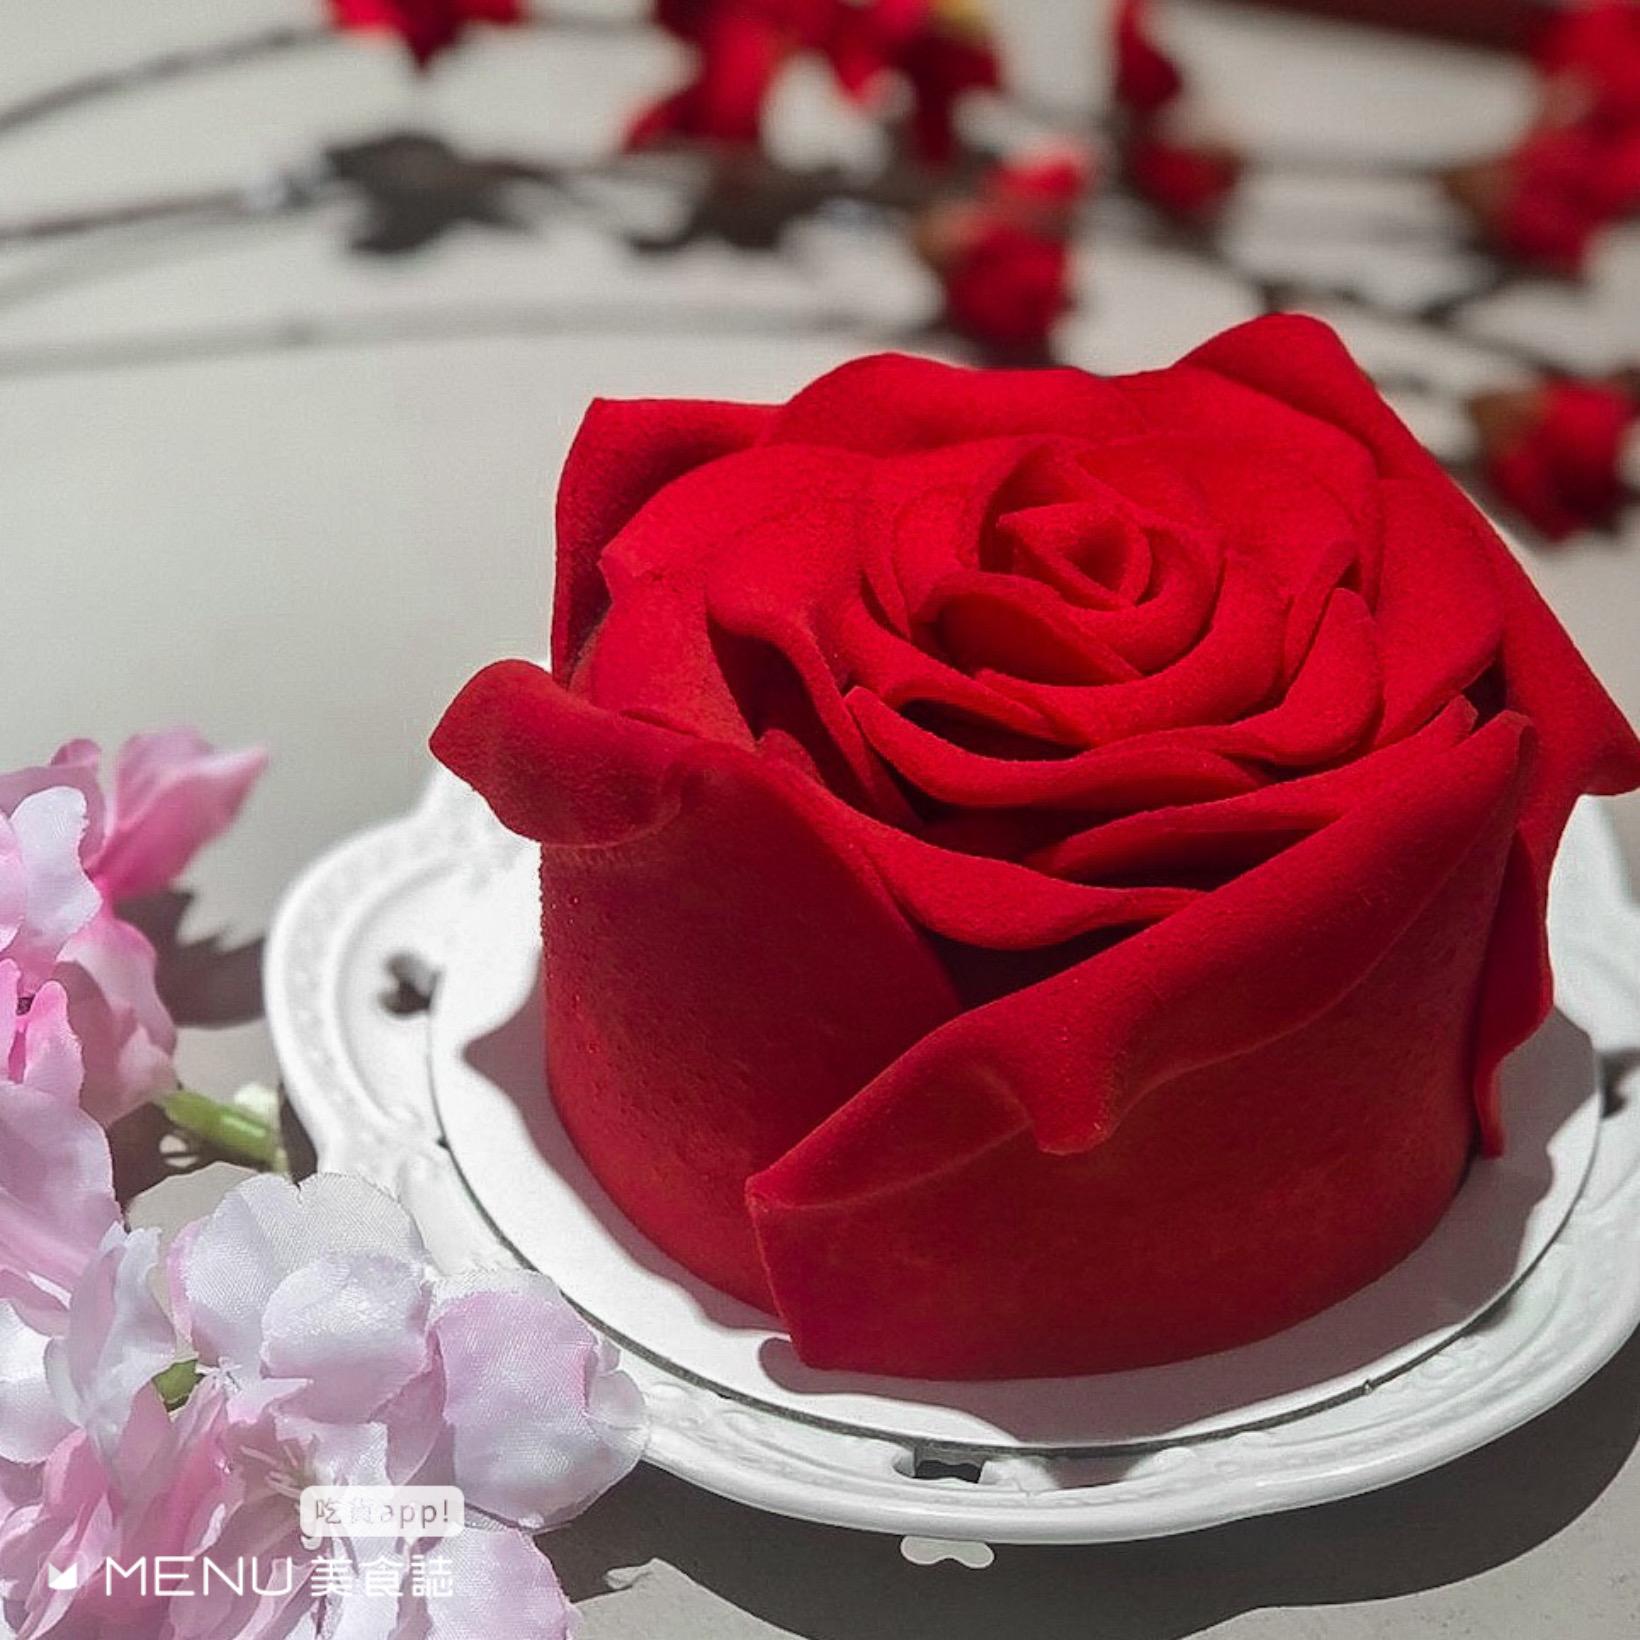 男友們別驚慌!七夕推薦餐廳這不就來了嗎?燈光美、氣氛佳,再來塊絕美蛋糕,情人節這樣吃感情大加溫!